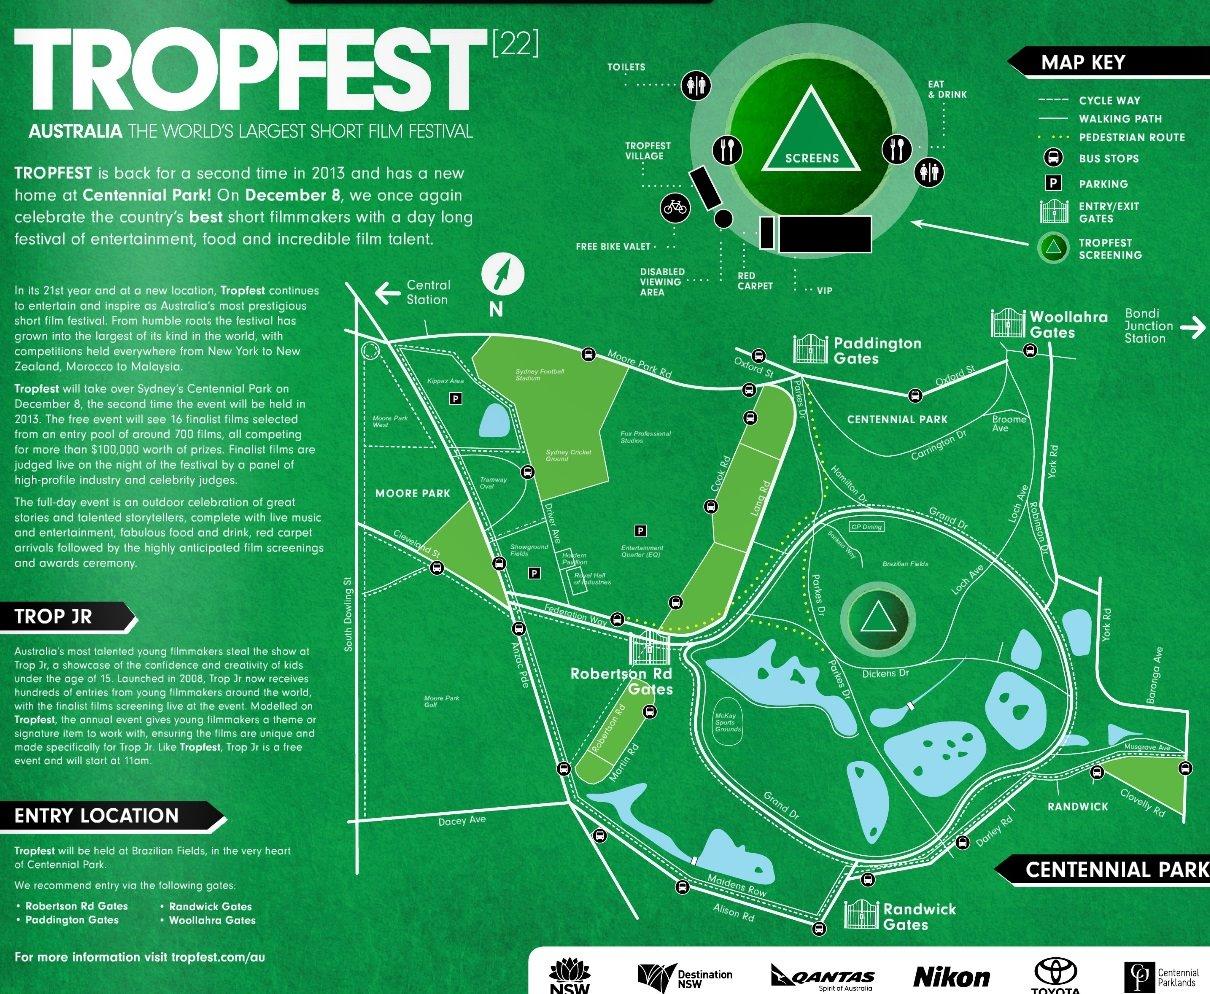 tropfest guide